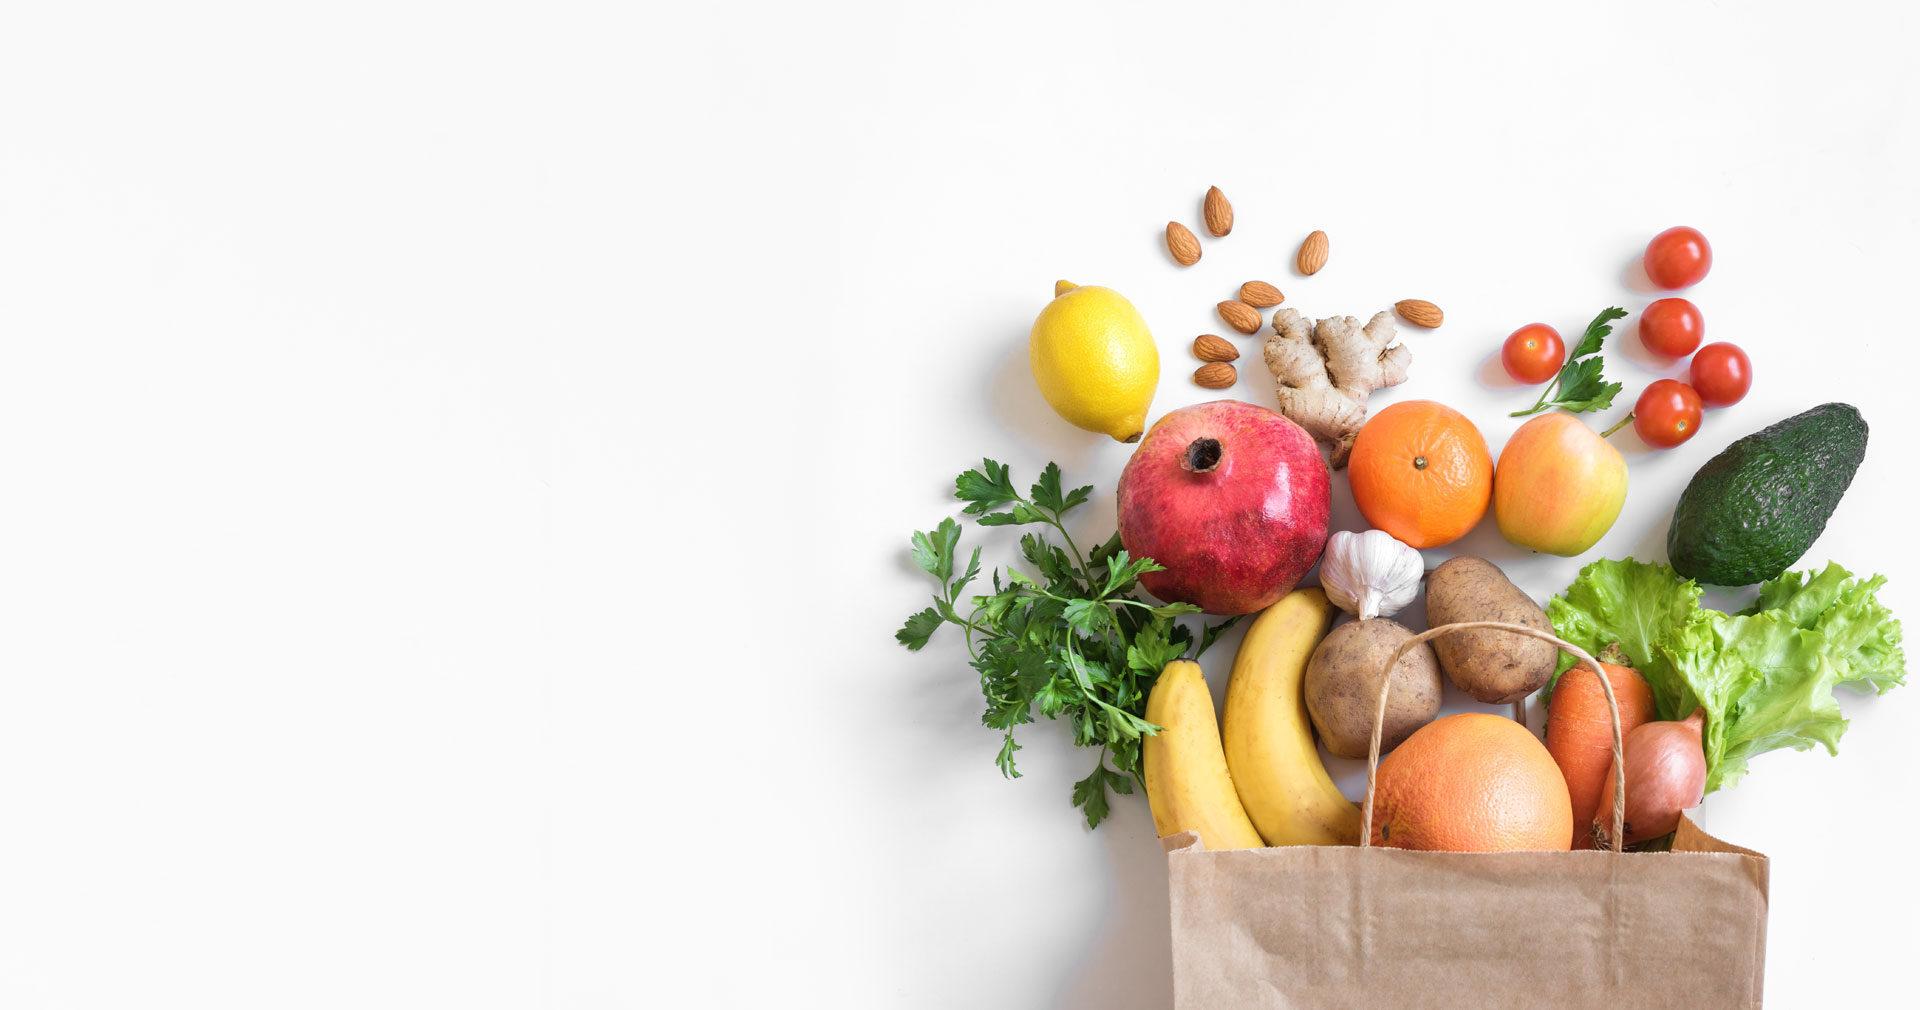 80% der Verbraucher setzen auf nachhaltige und regionale Produkte.